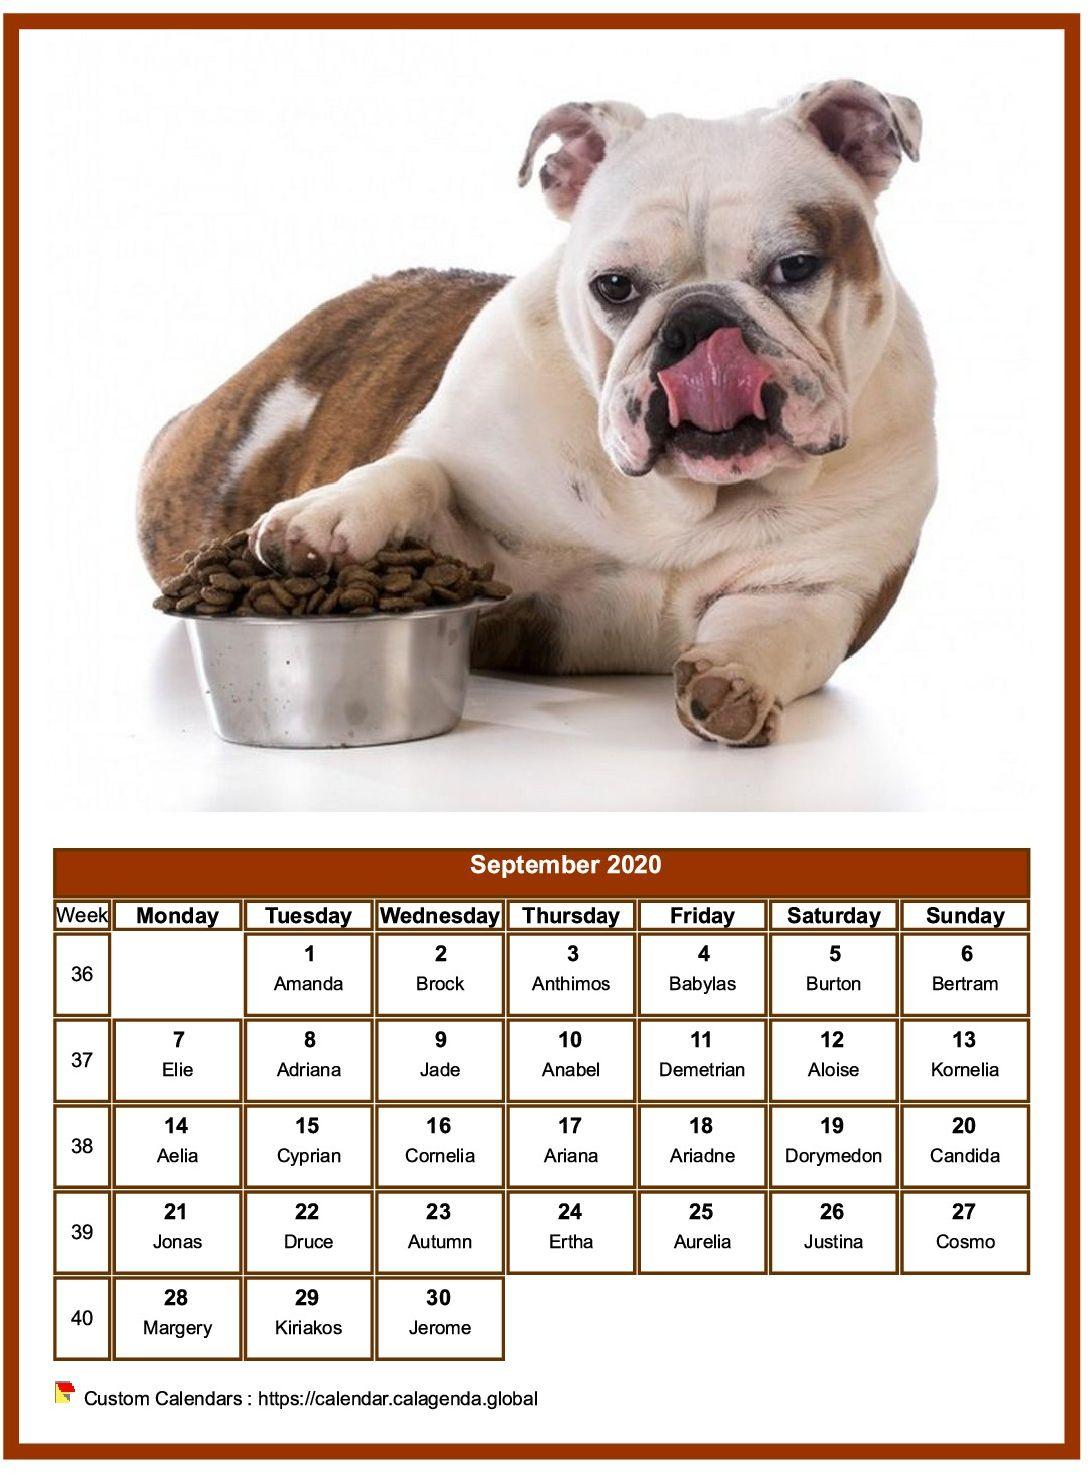 Calendar september 2020 dogs